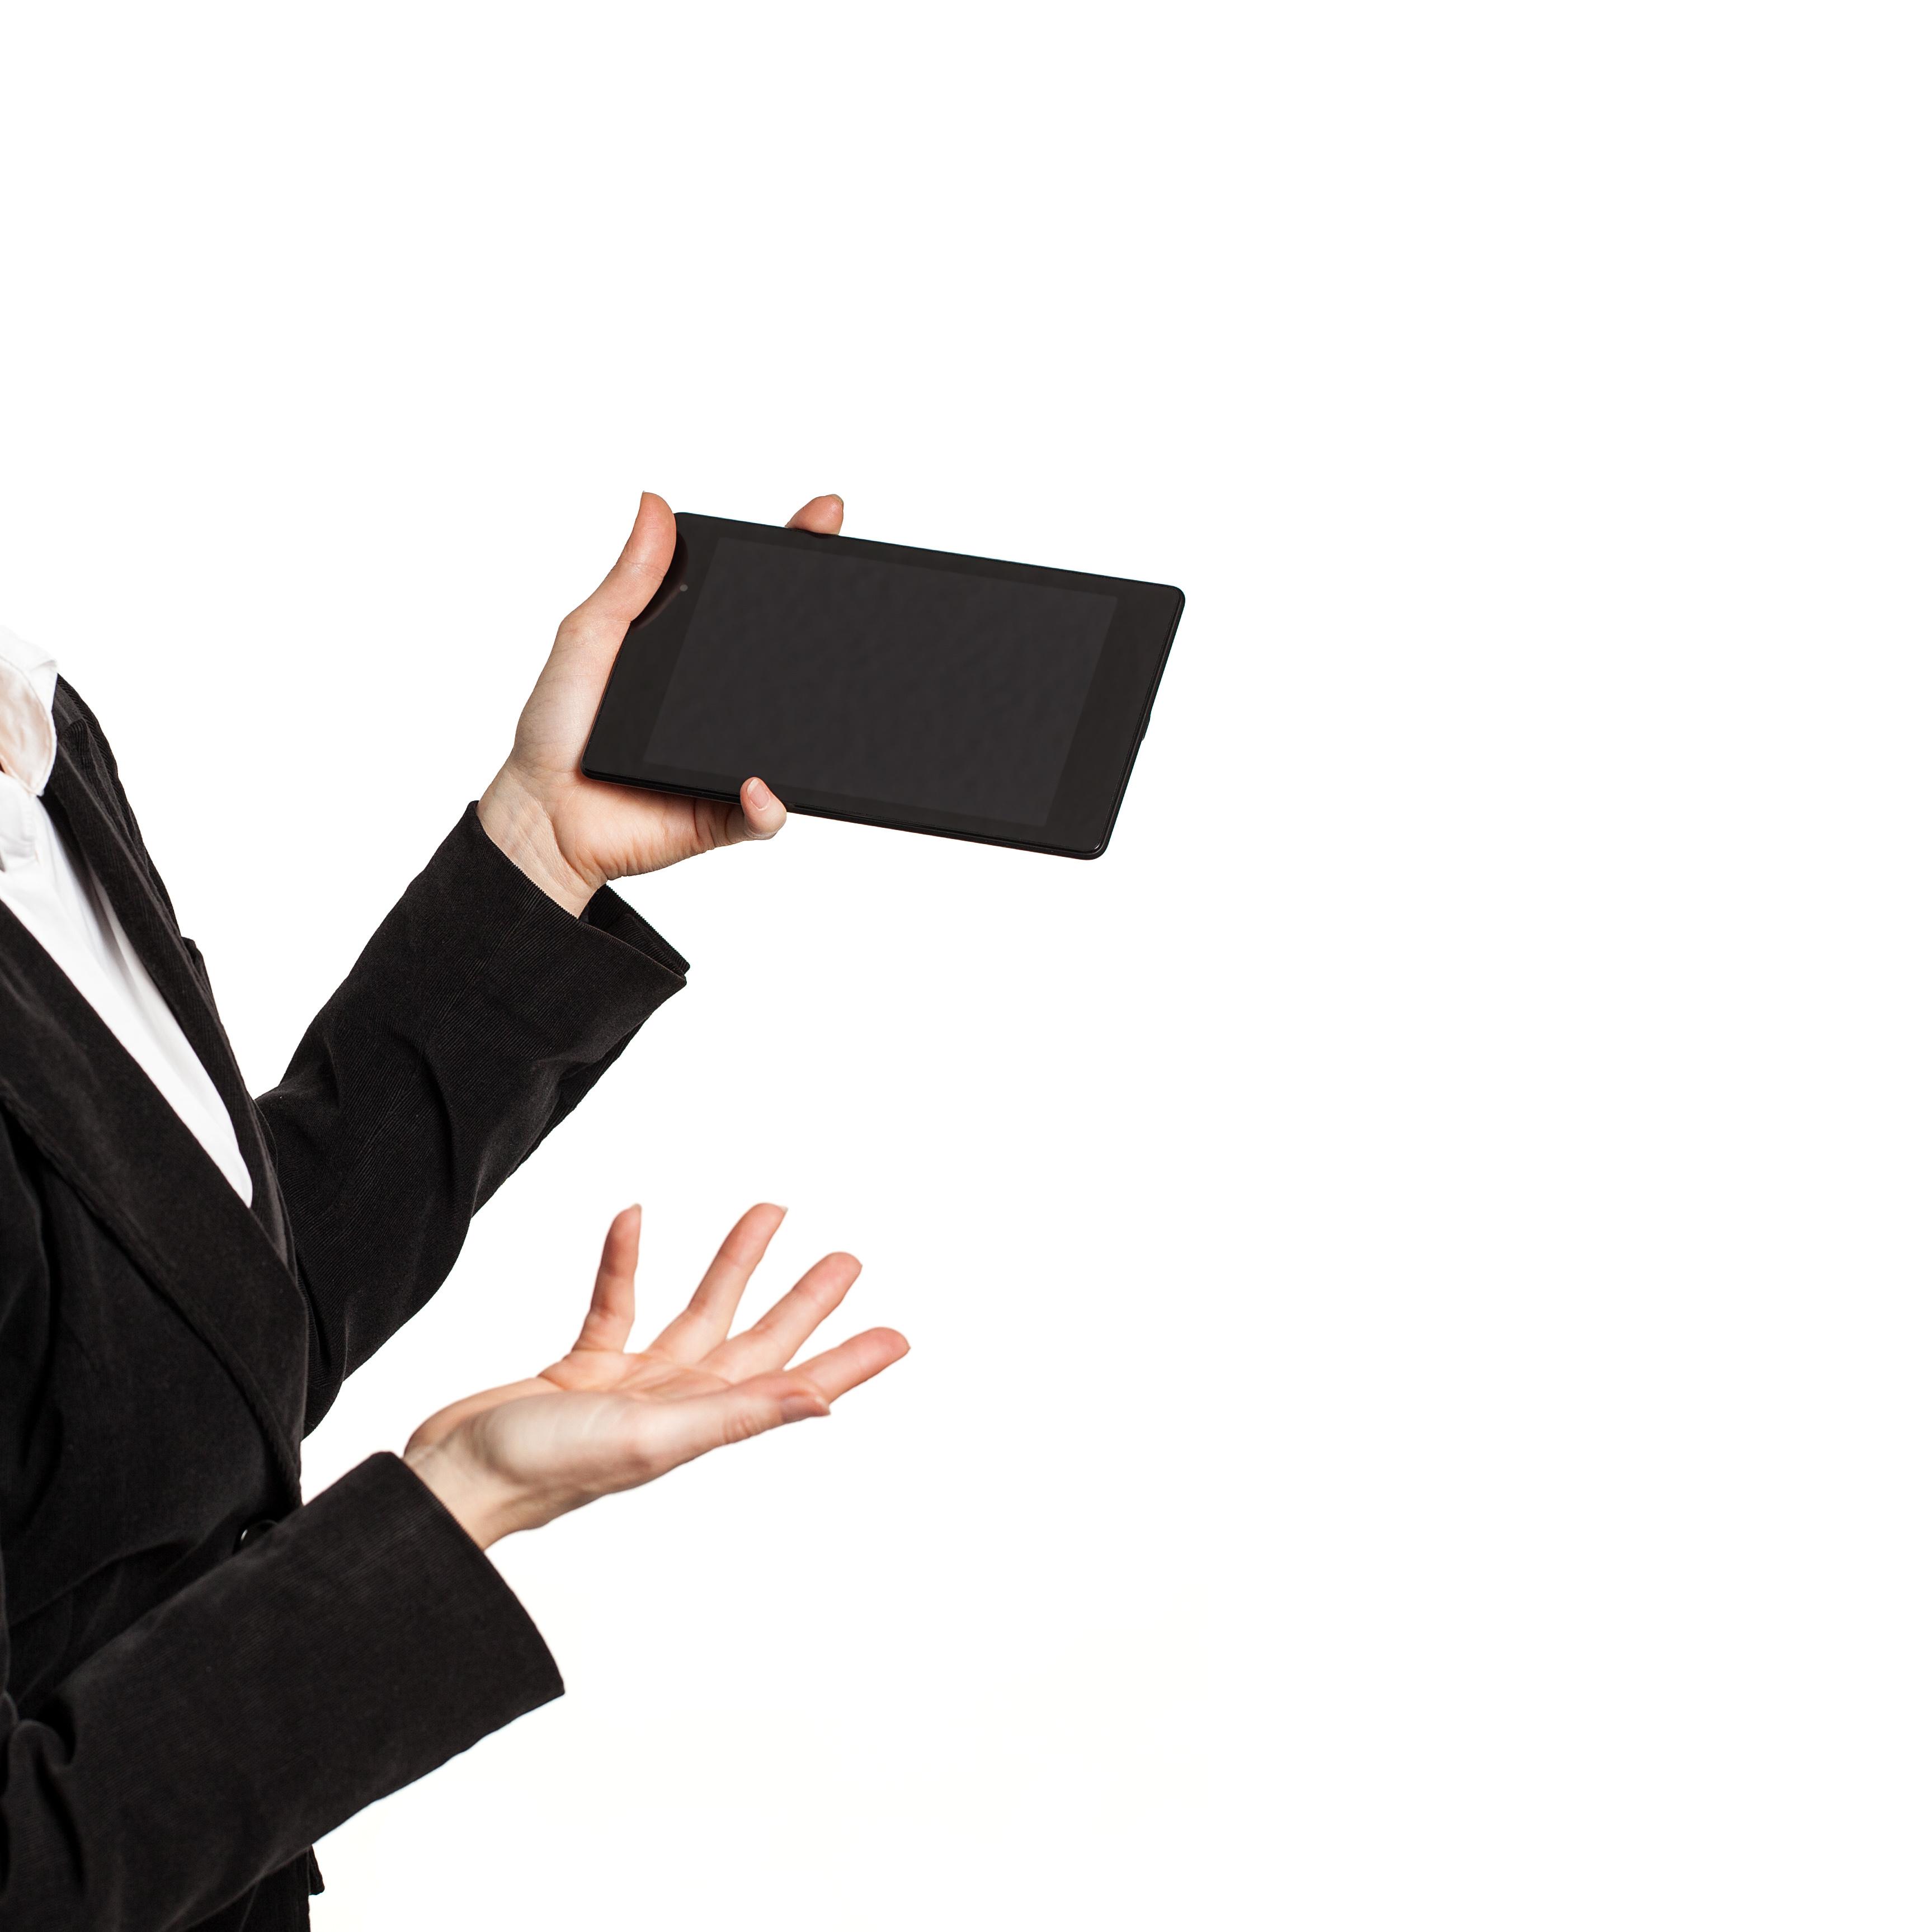 Beitragsbild zum Thema Präsentieren mit Gegenstand